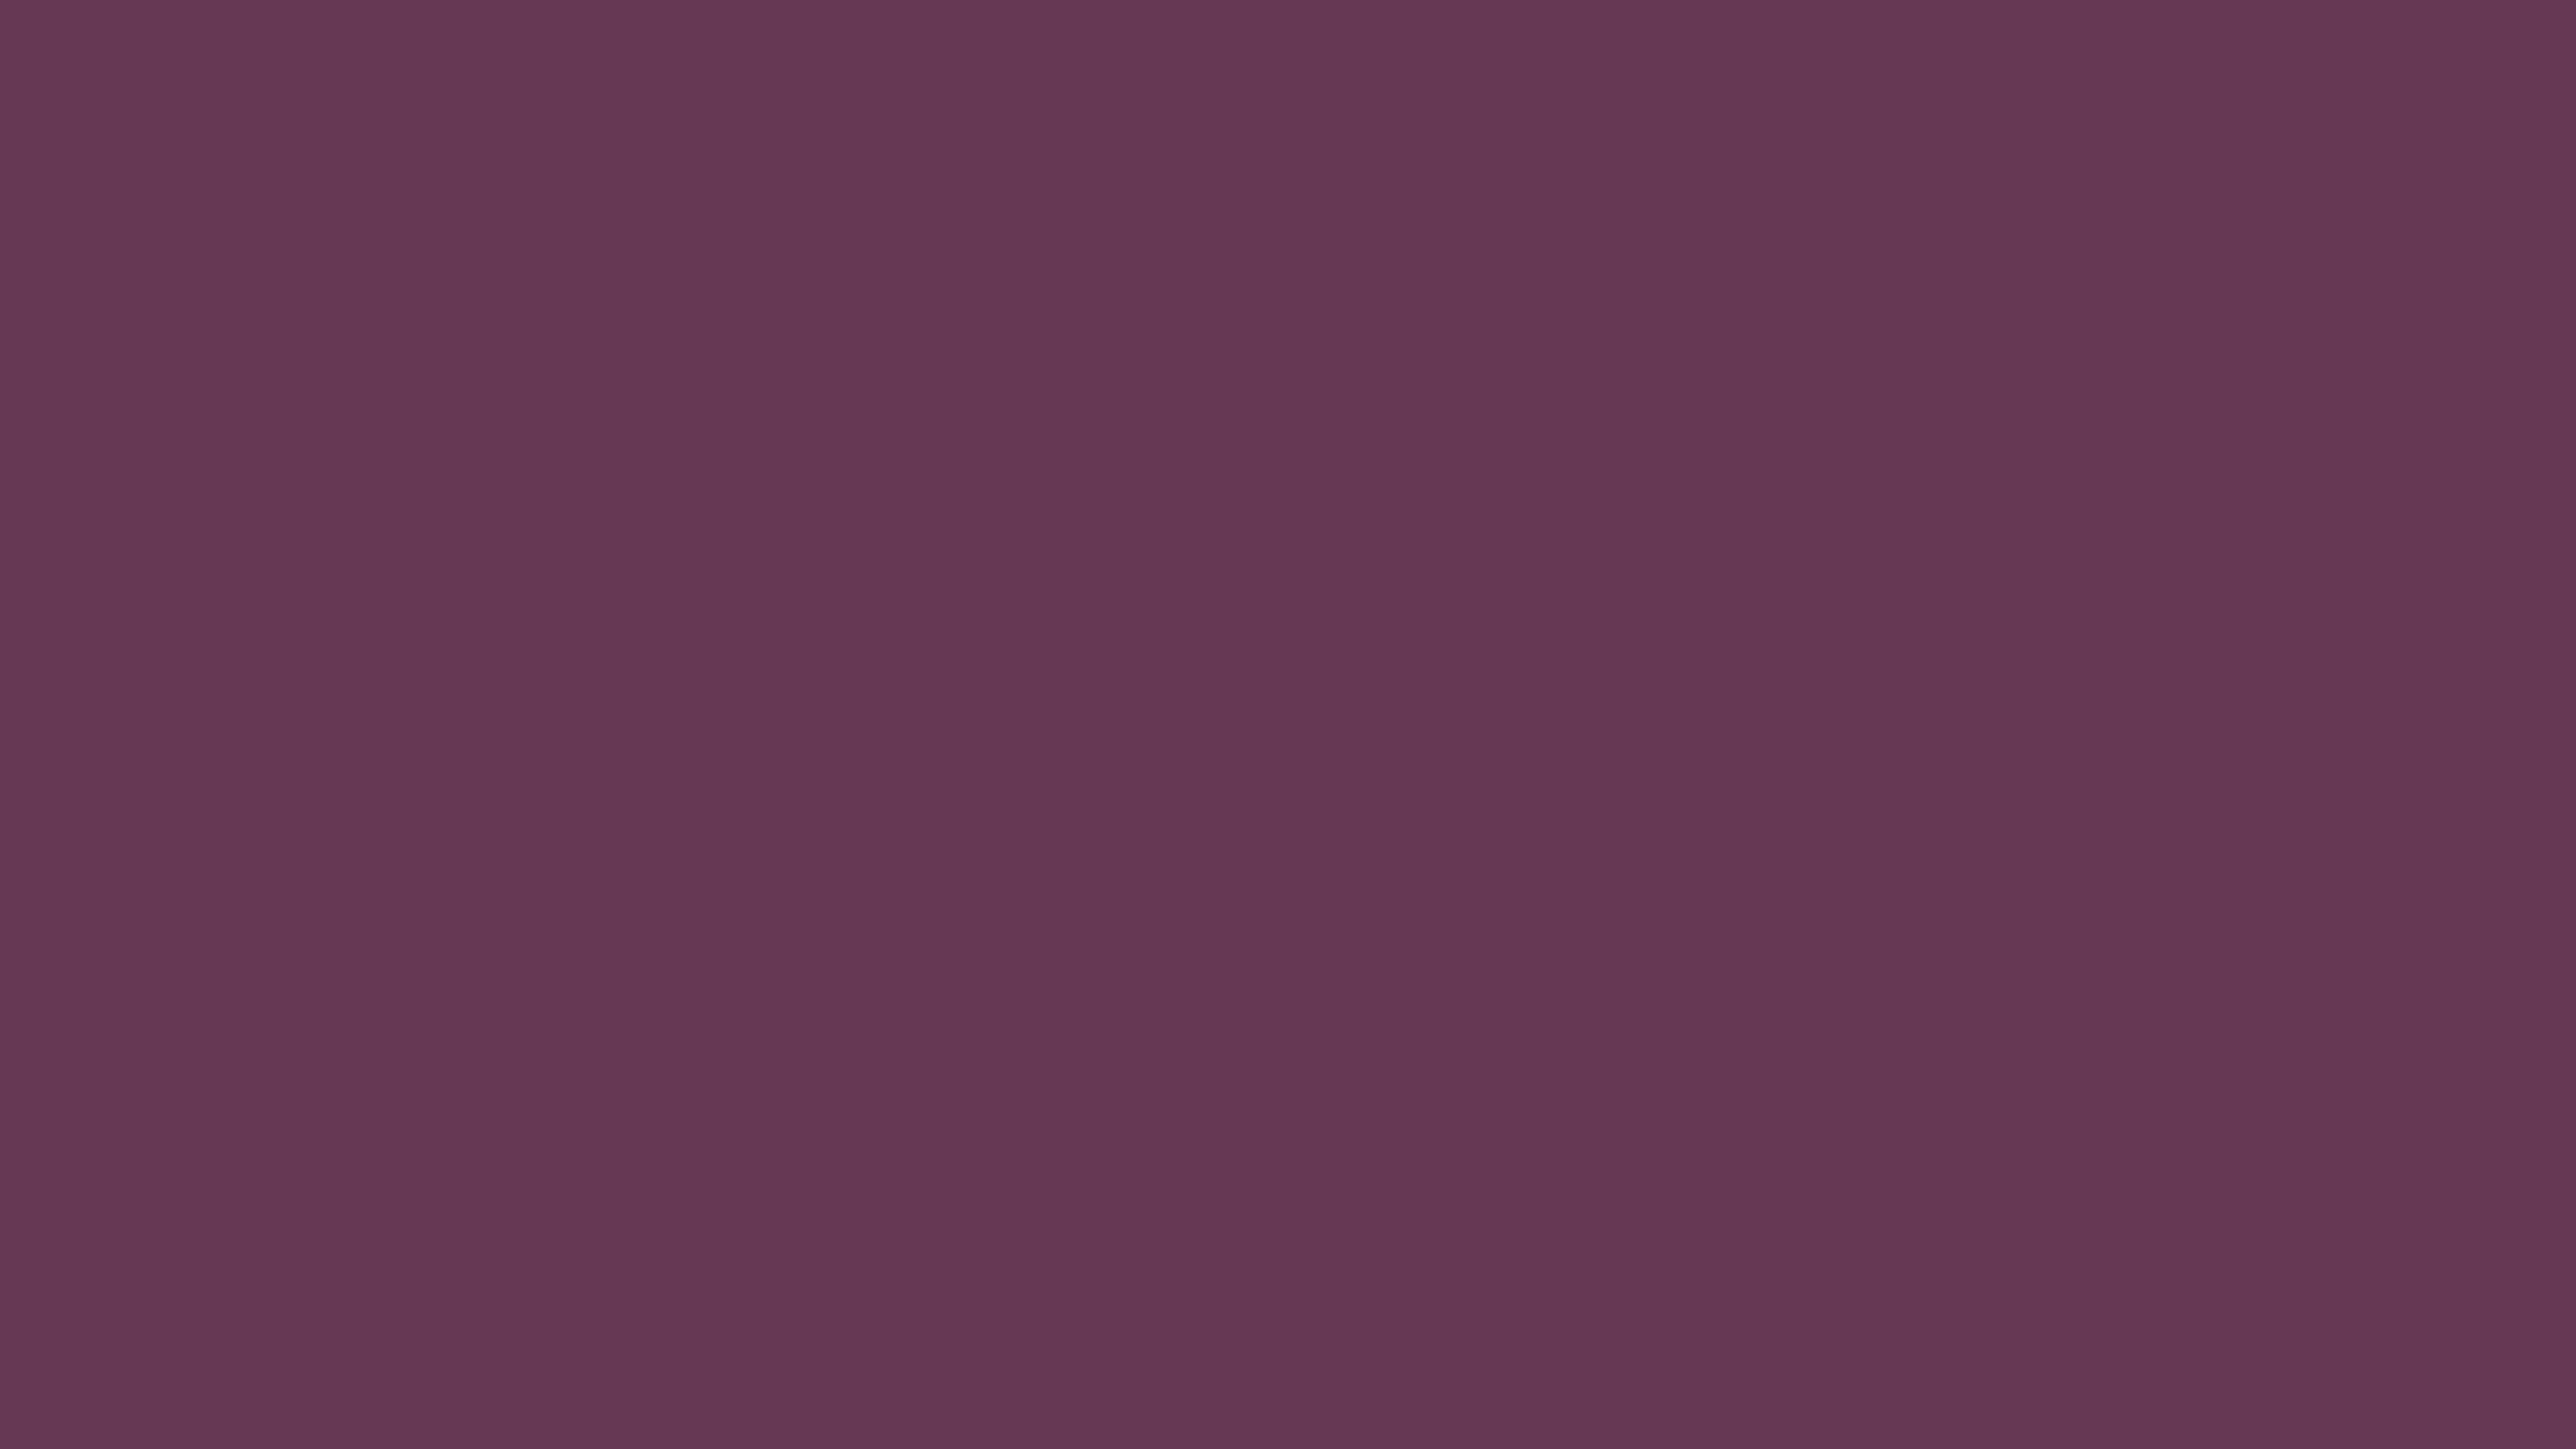 4096x2304 Halaya Ube Solid Color Background